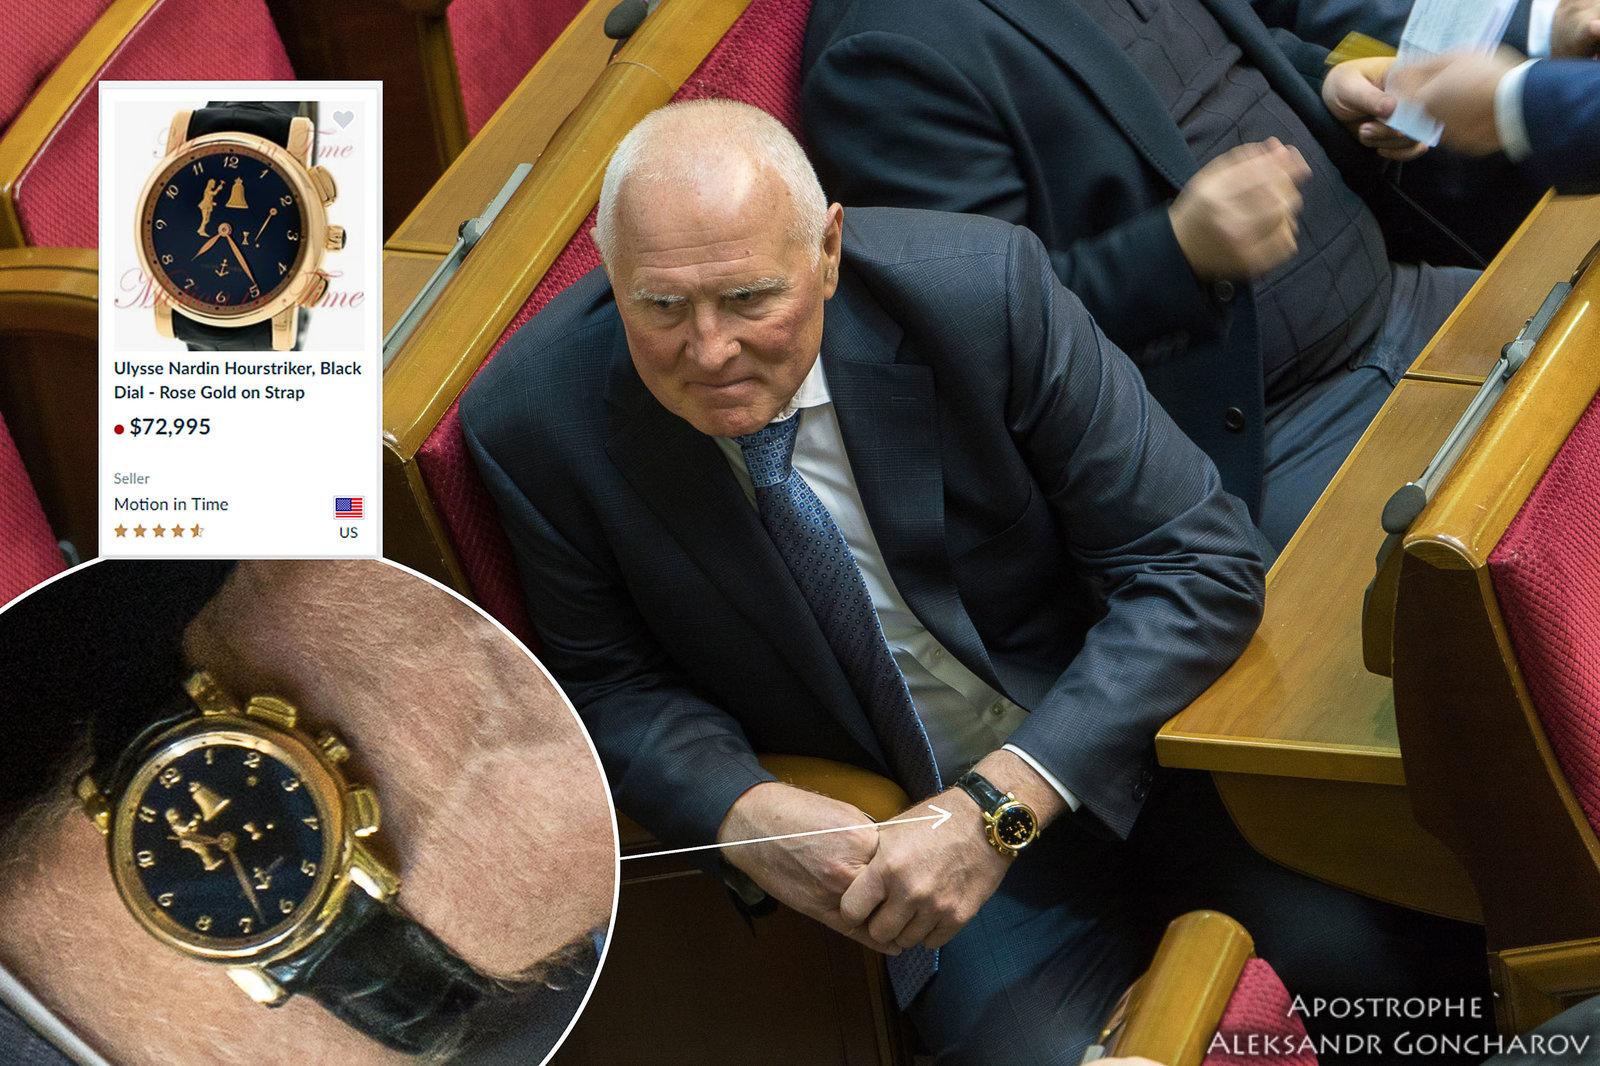 """9ca6a5d46cd5551e04f81f642224ee37 - Леонид Климов: у """"бедного"""" депутата часы за 2 миллиона гривен?"""